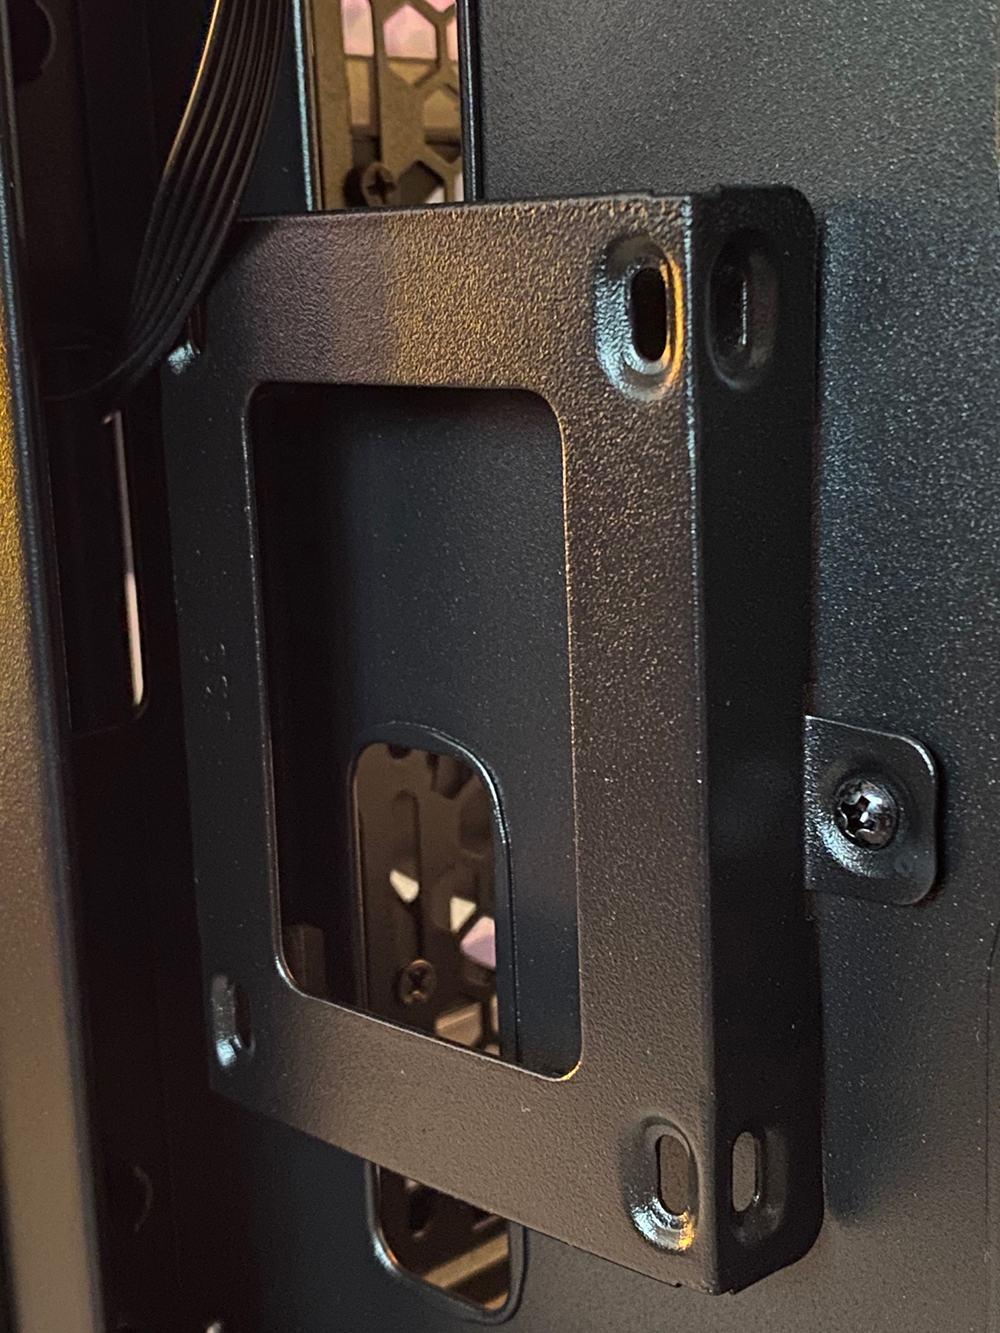 08_SSD-1.jpg